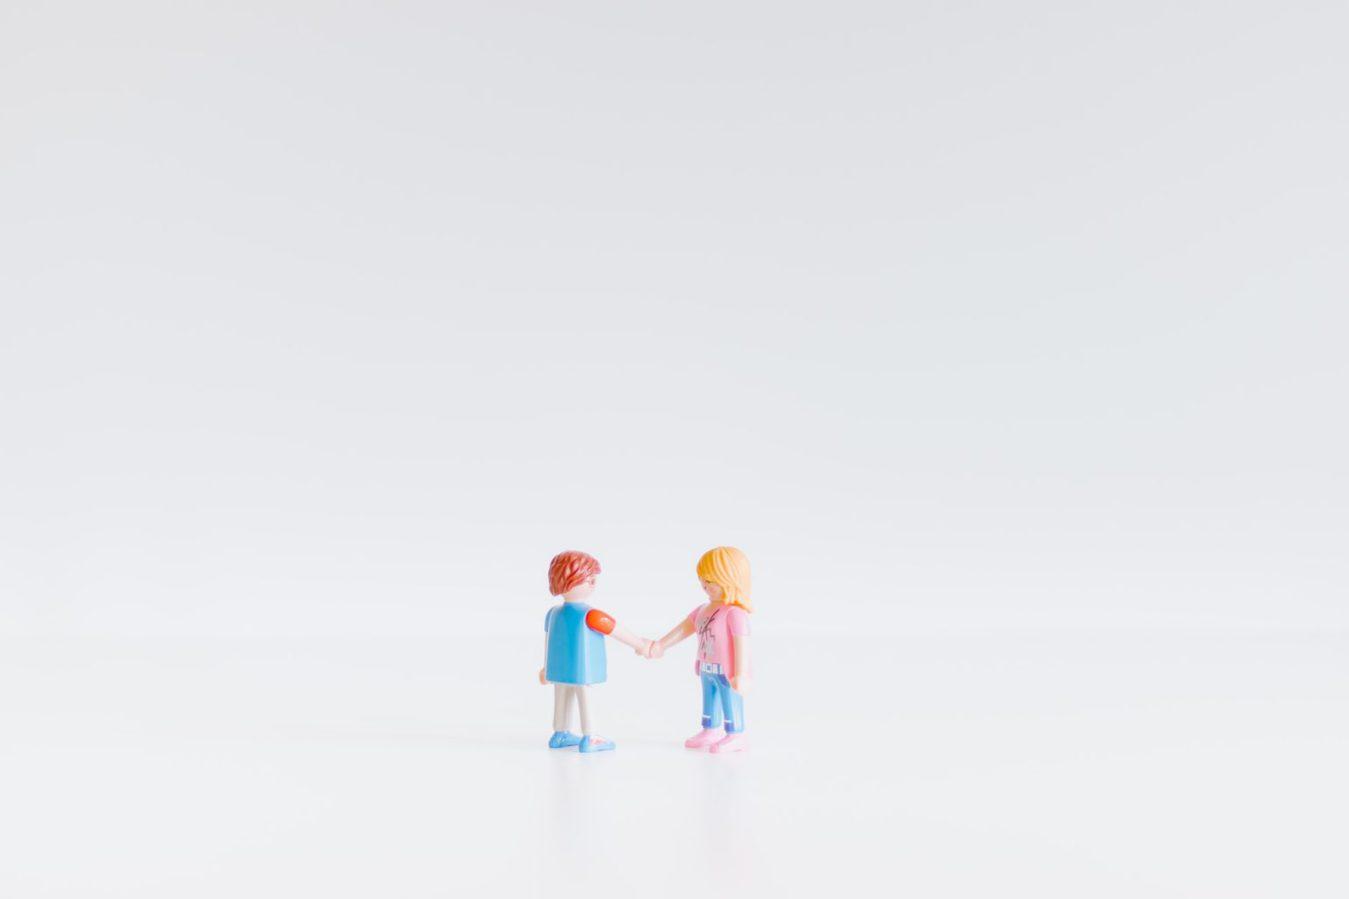 Figuras de brinquedos a apertar as mãos